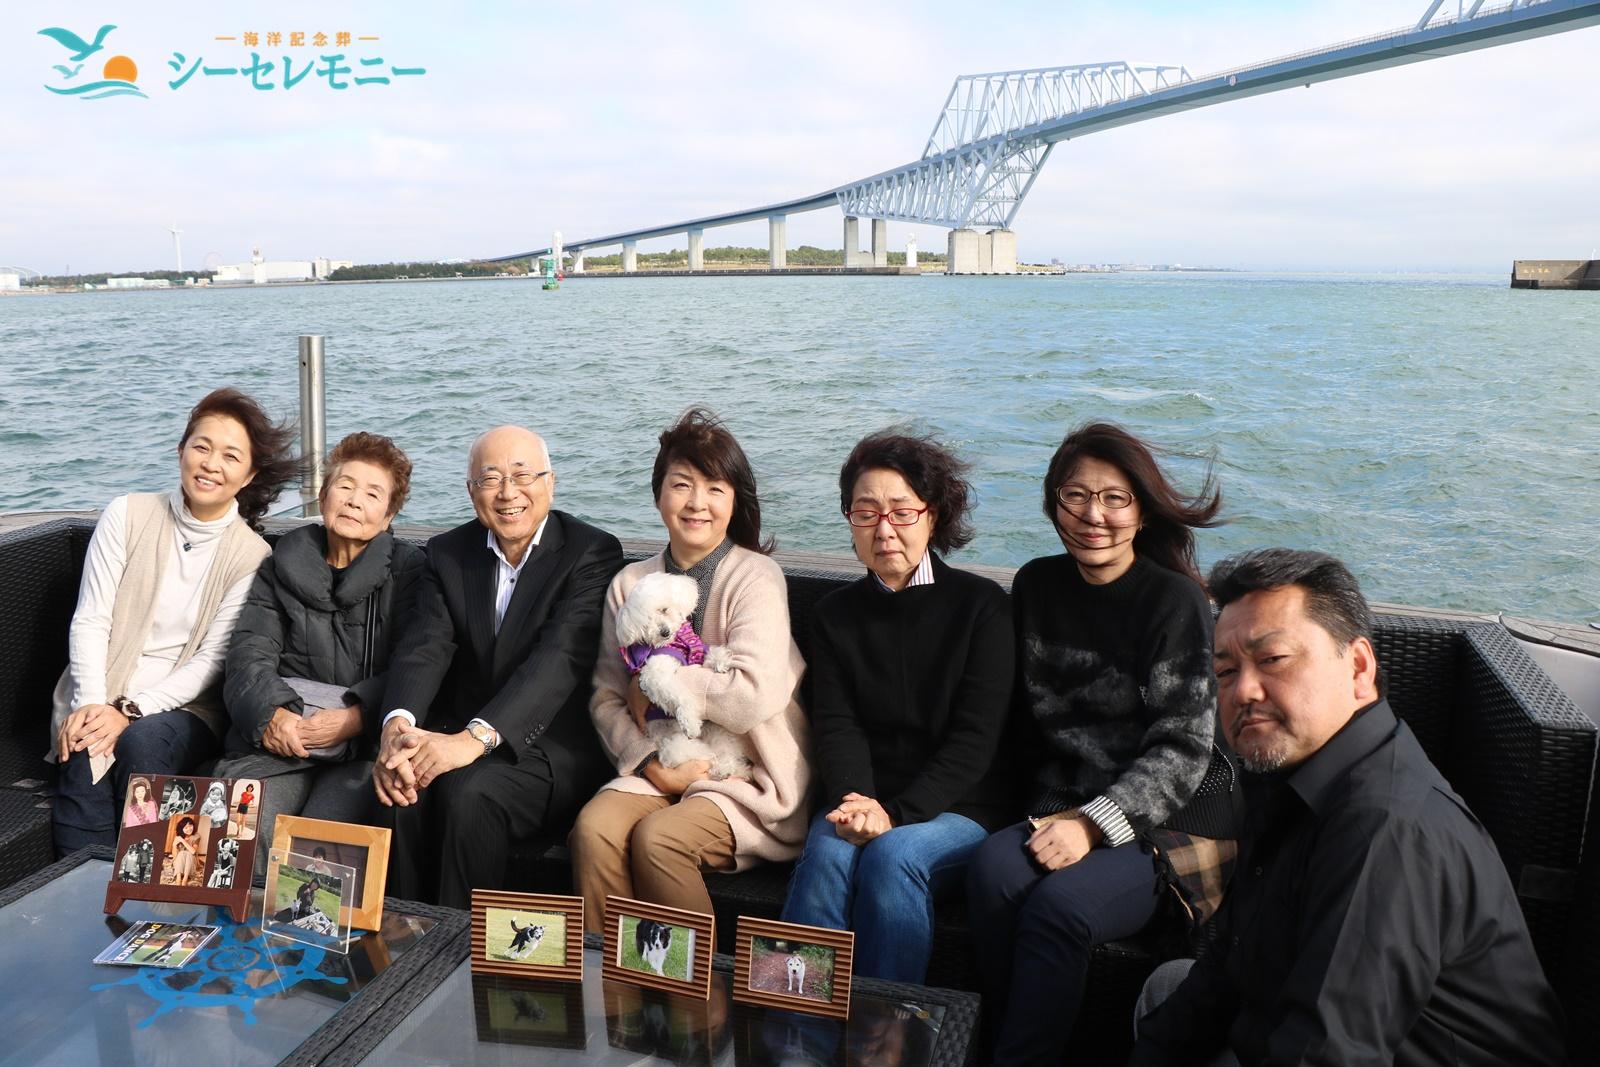 散骨を終えたご家族の集合写真